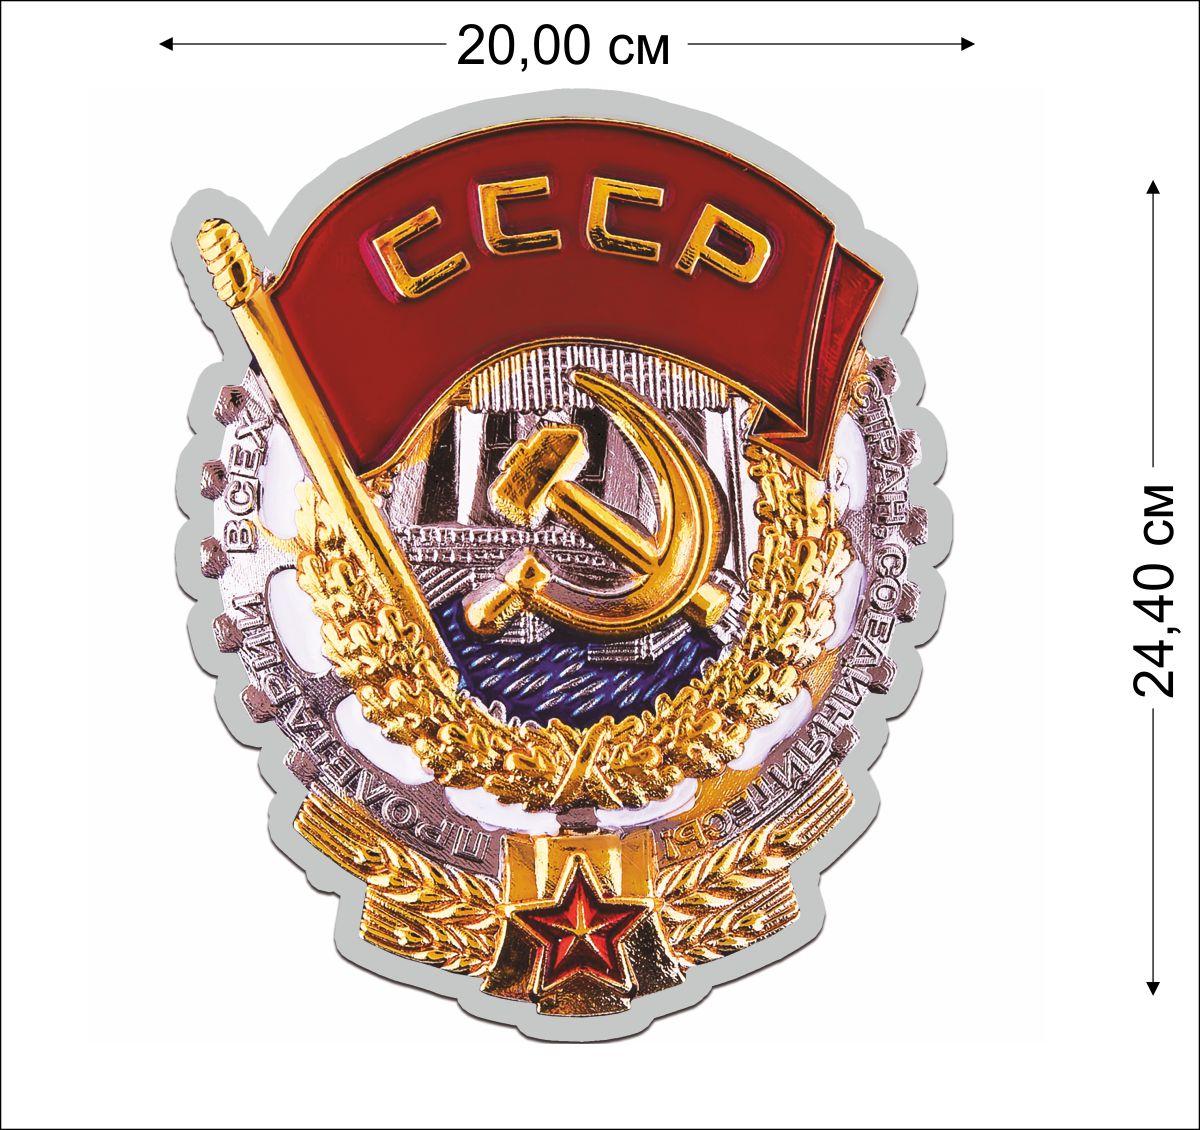 Наклейка с орденом Трудового Красного Знамени (24,4x20 см)